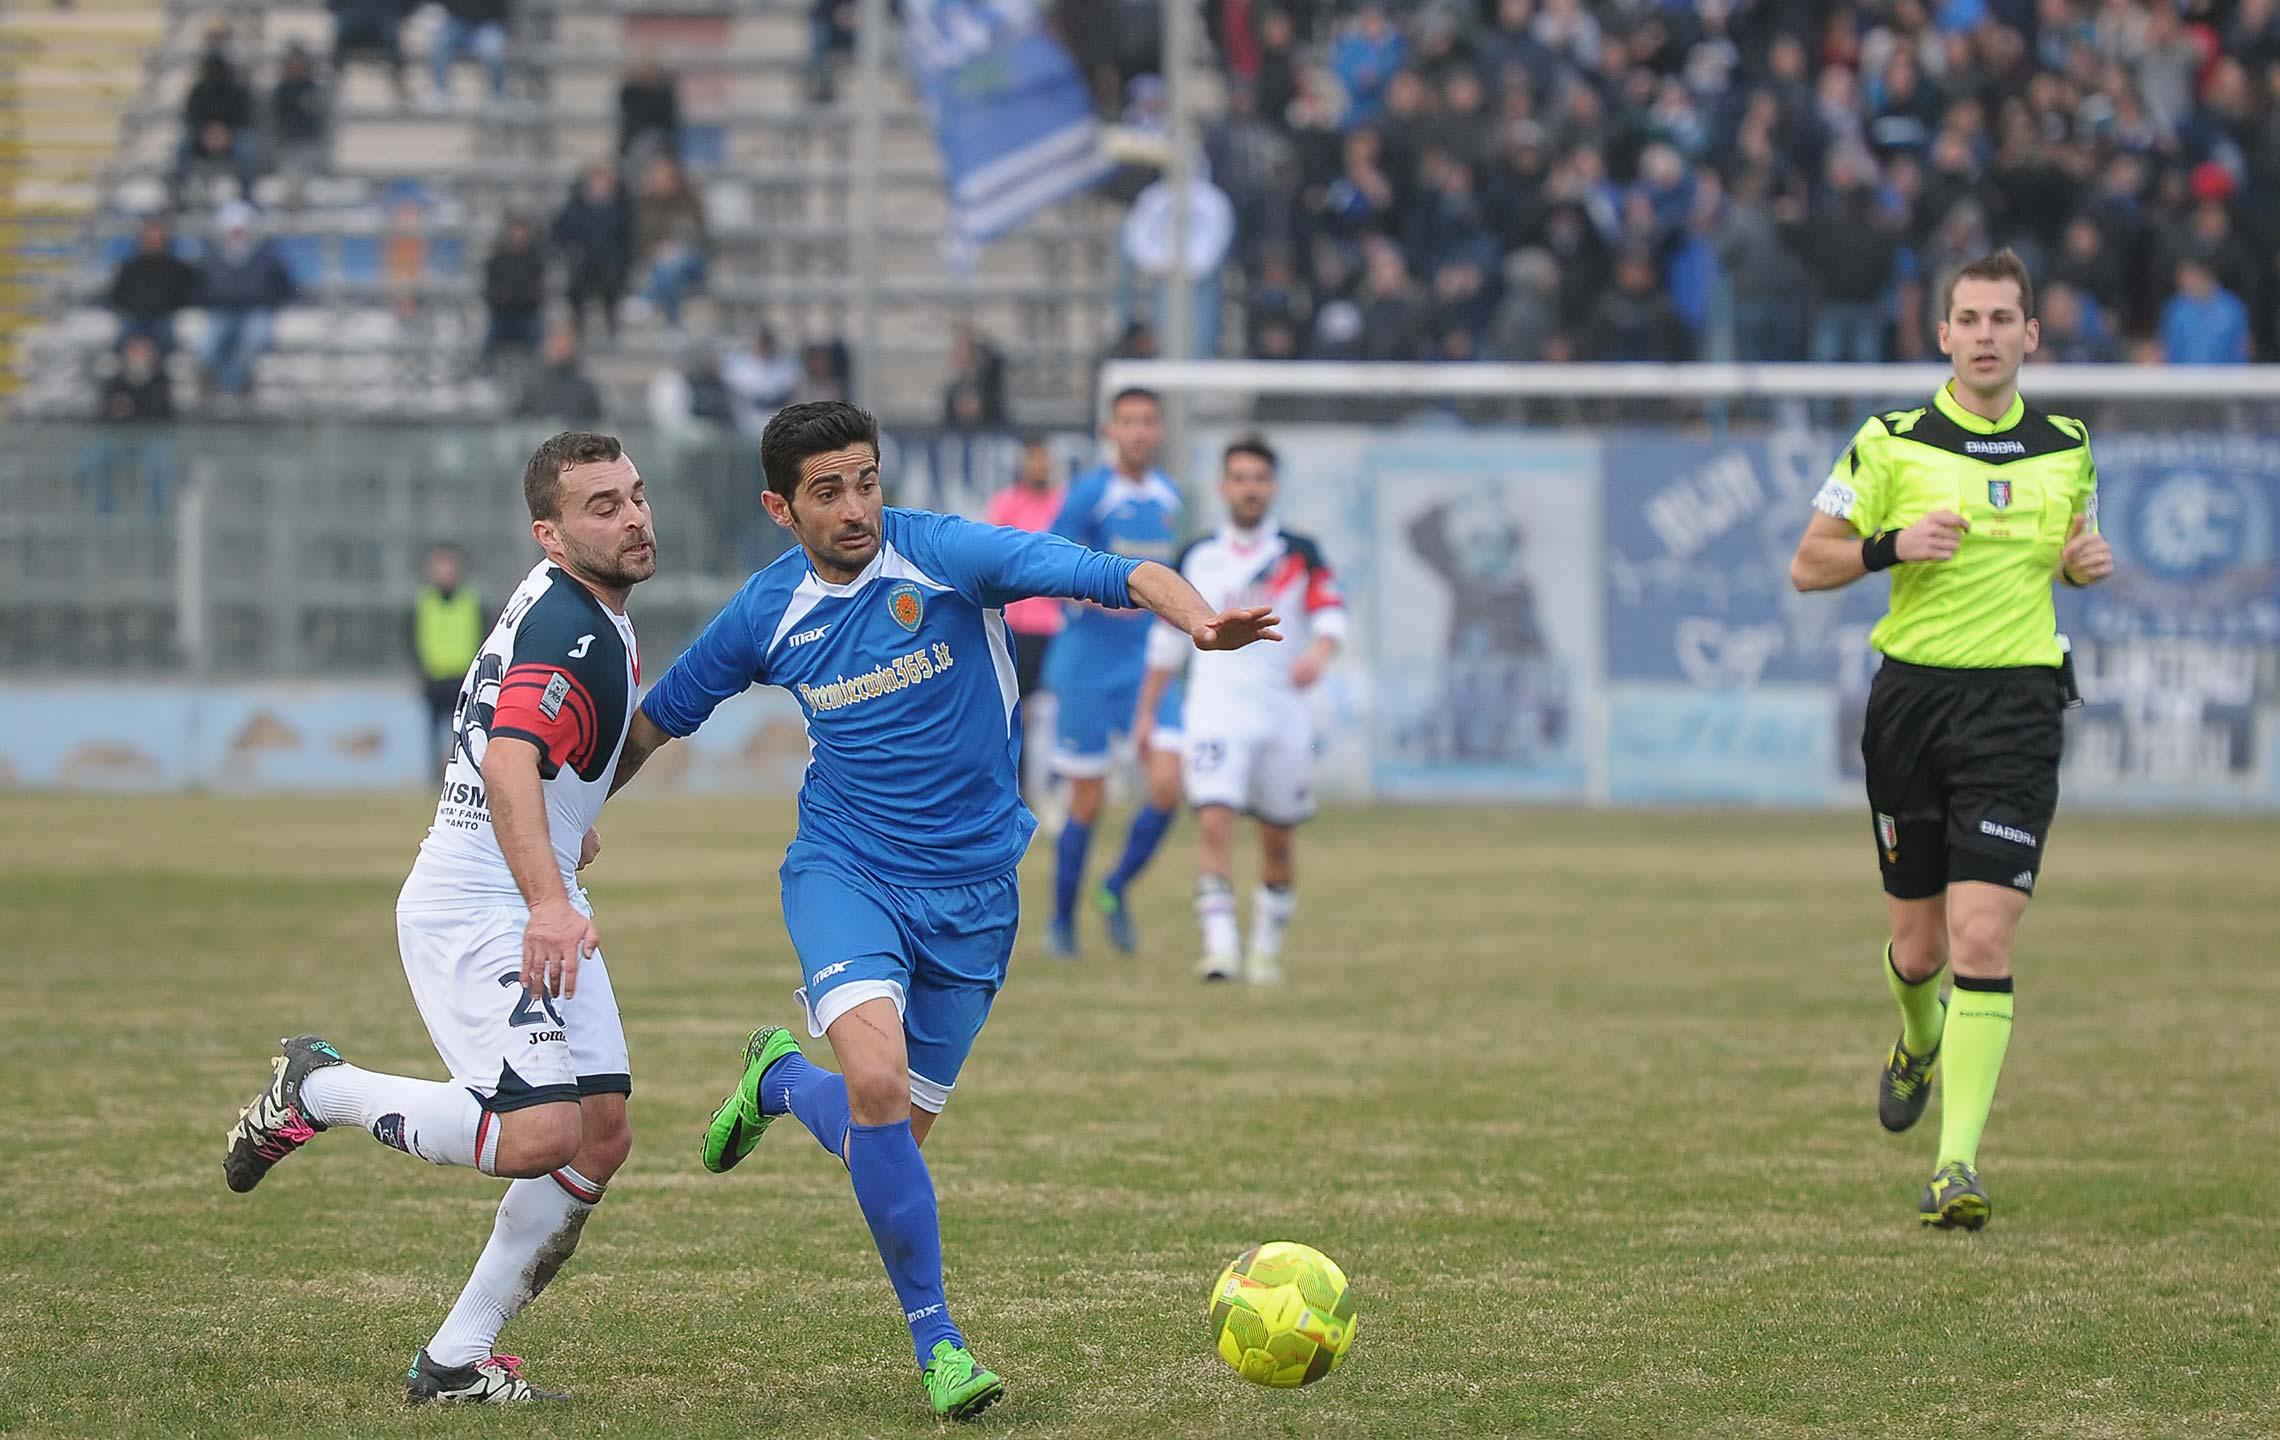 Il Siracusa non morde e alla fine il Taranto porta a casa un meritato pareggio ( 0 a 0)